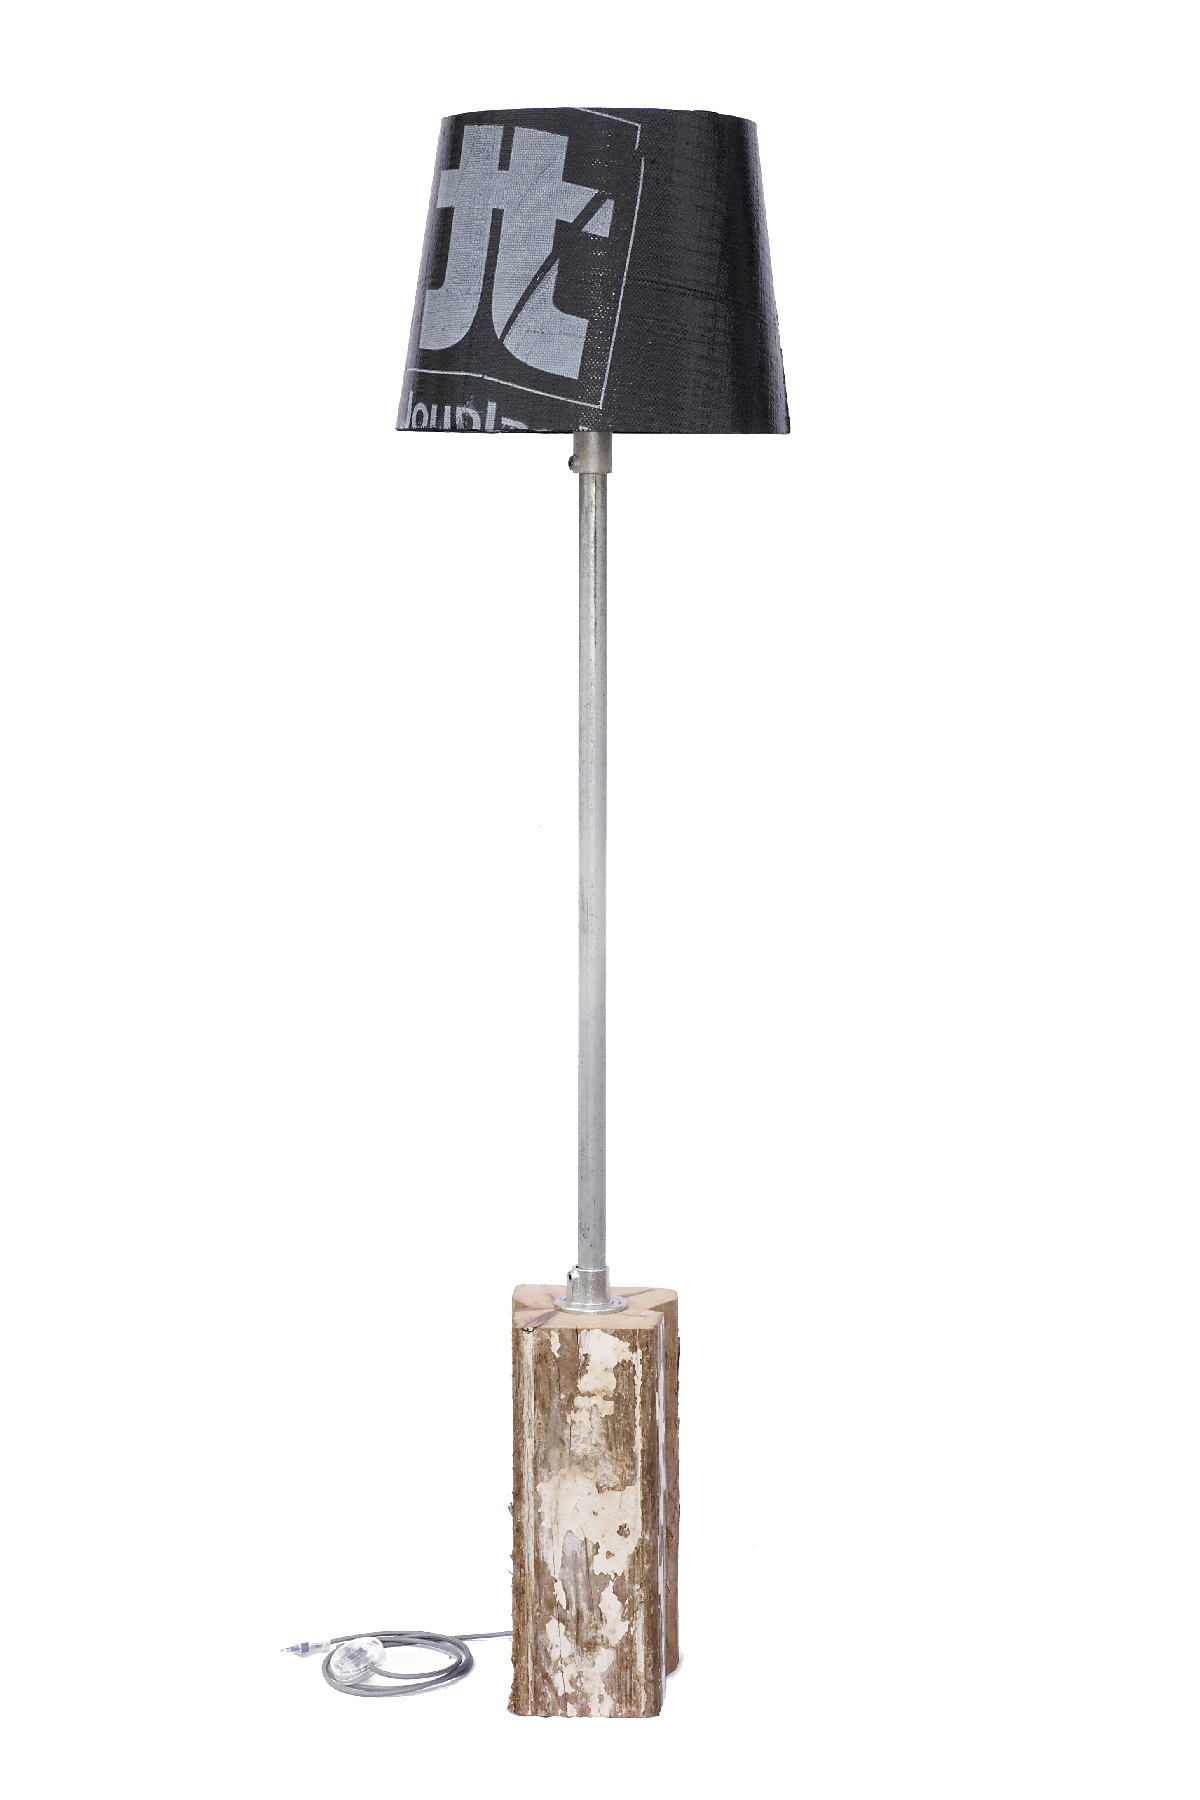 FLOOR LAMP_01